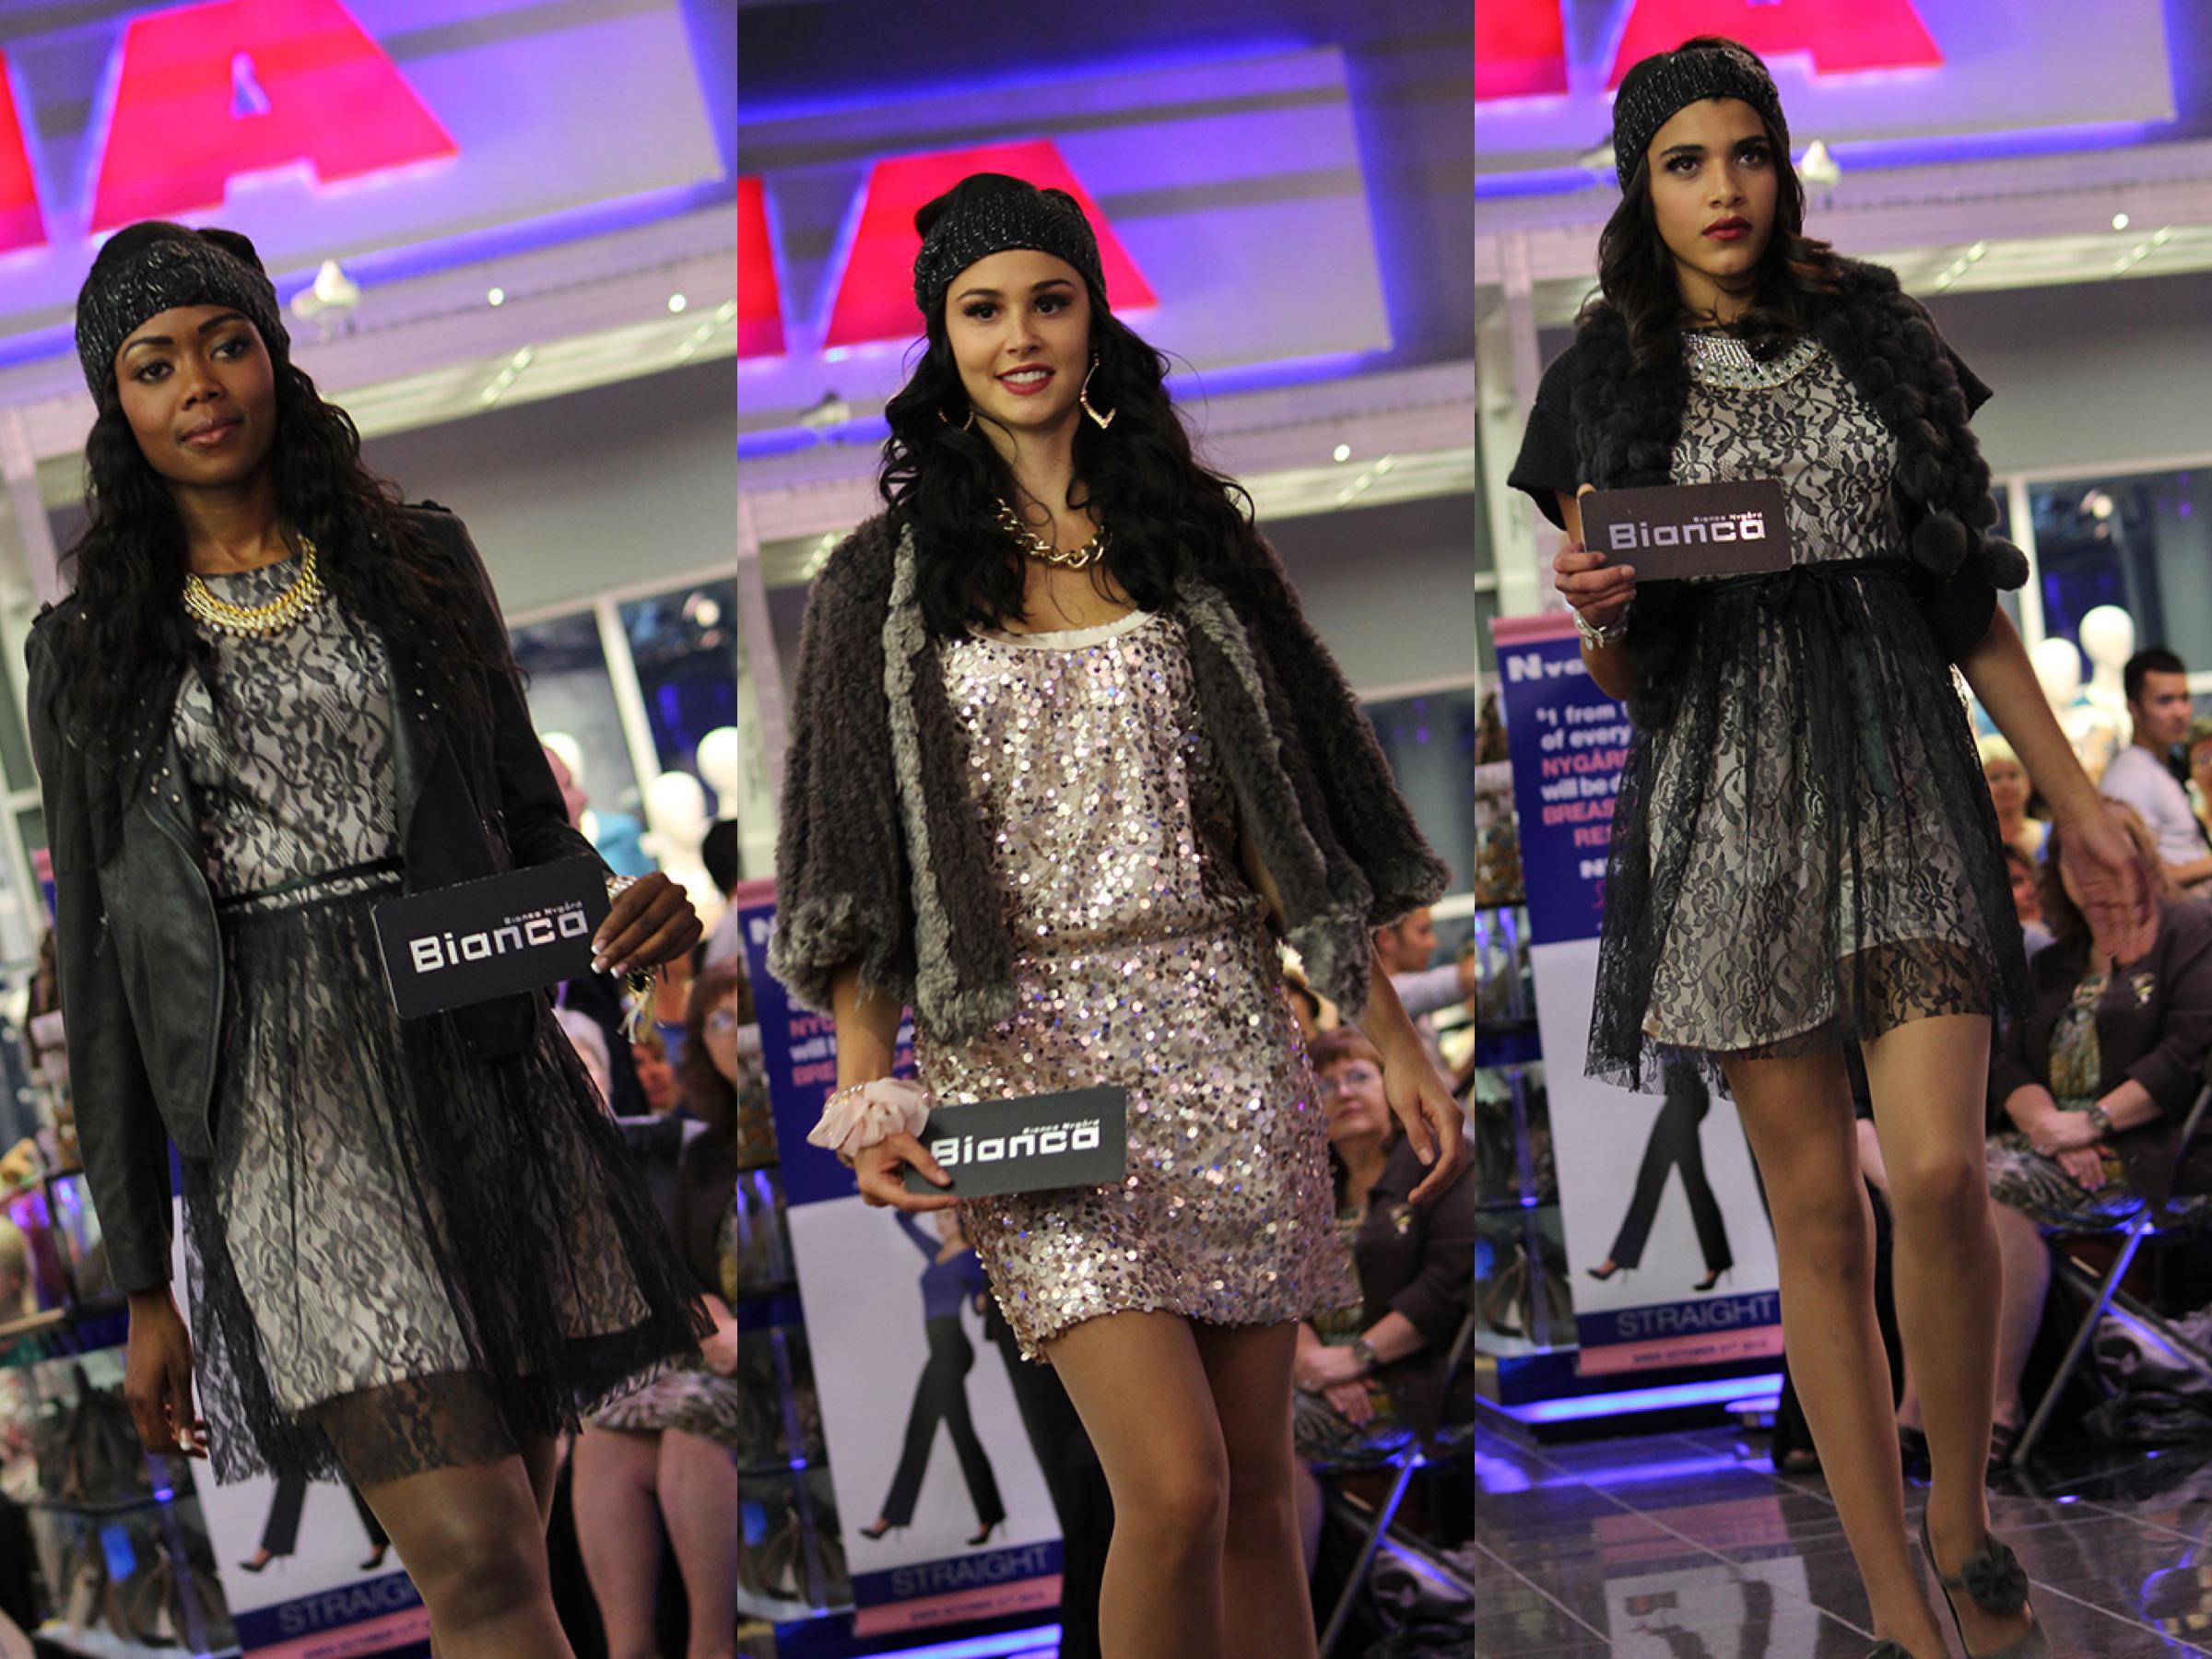 Nygard lace glitter models